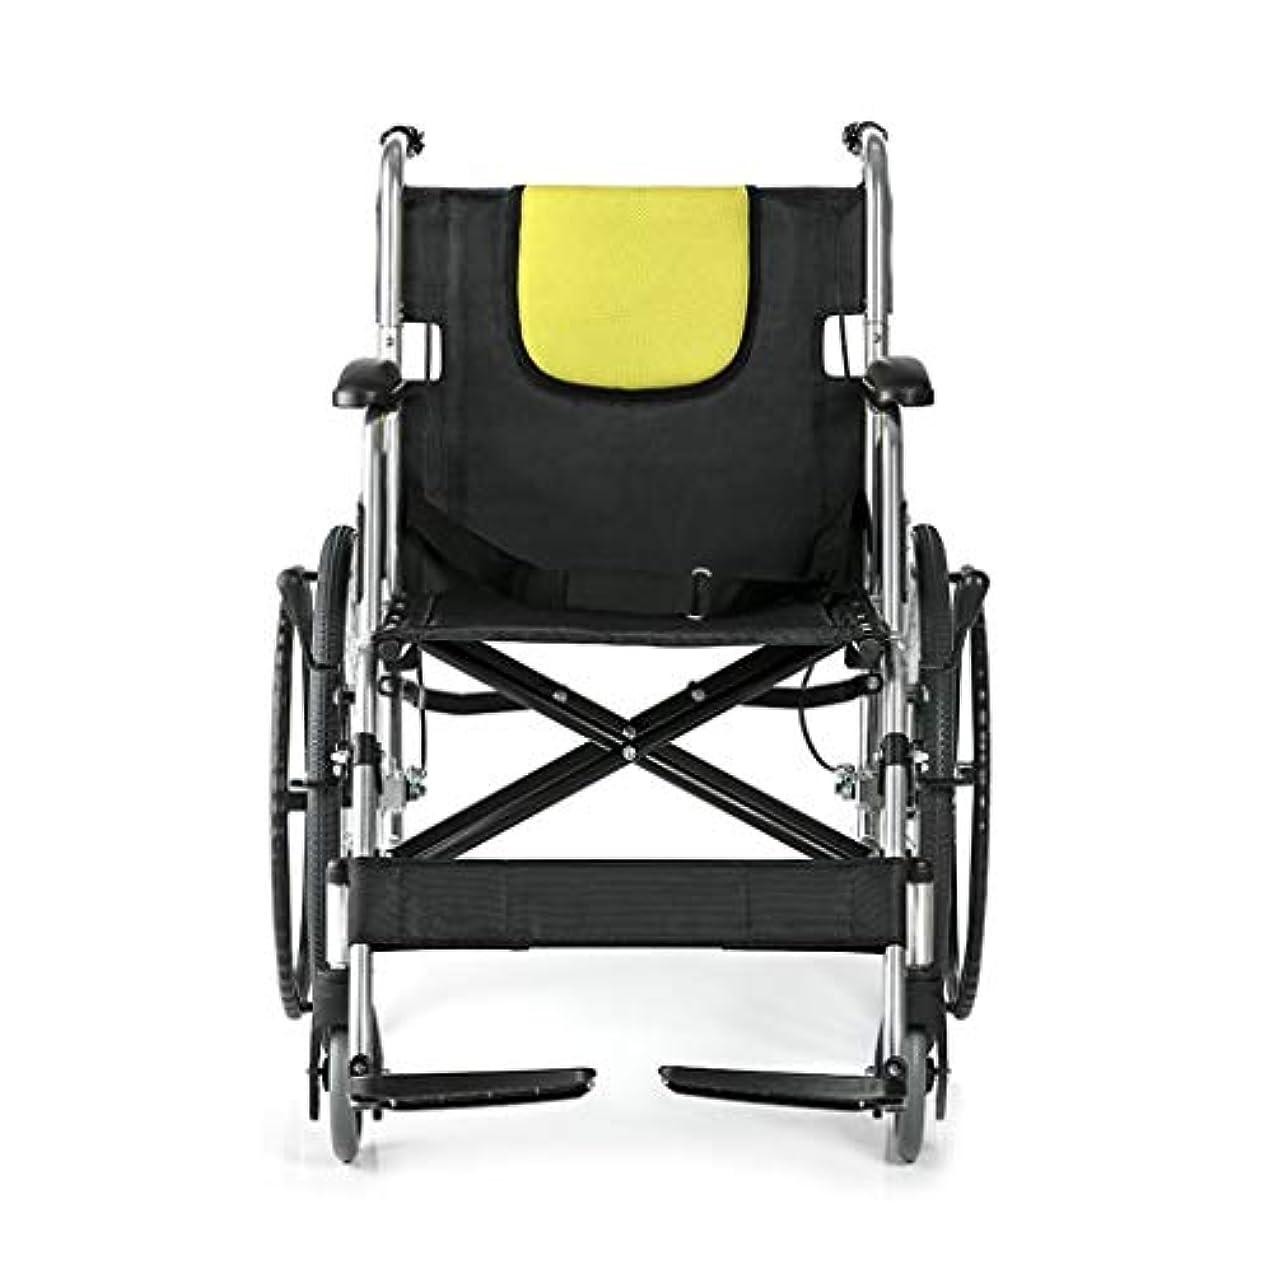 砂のスペイン語慎重に車椅子の老人は折り畳むことができ、障害者、高齢者、リハビリテーション患者向けの車椅子用に4つのブレーキが設計されています